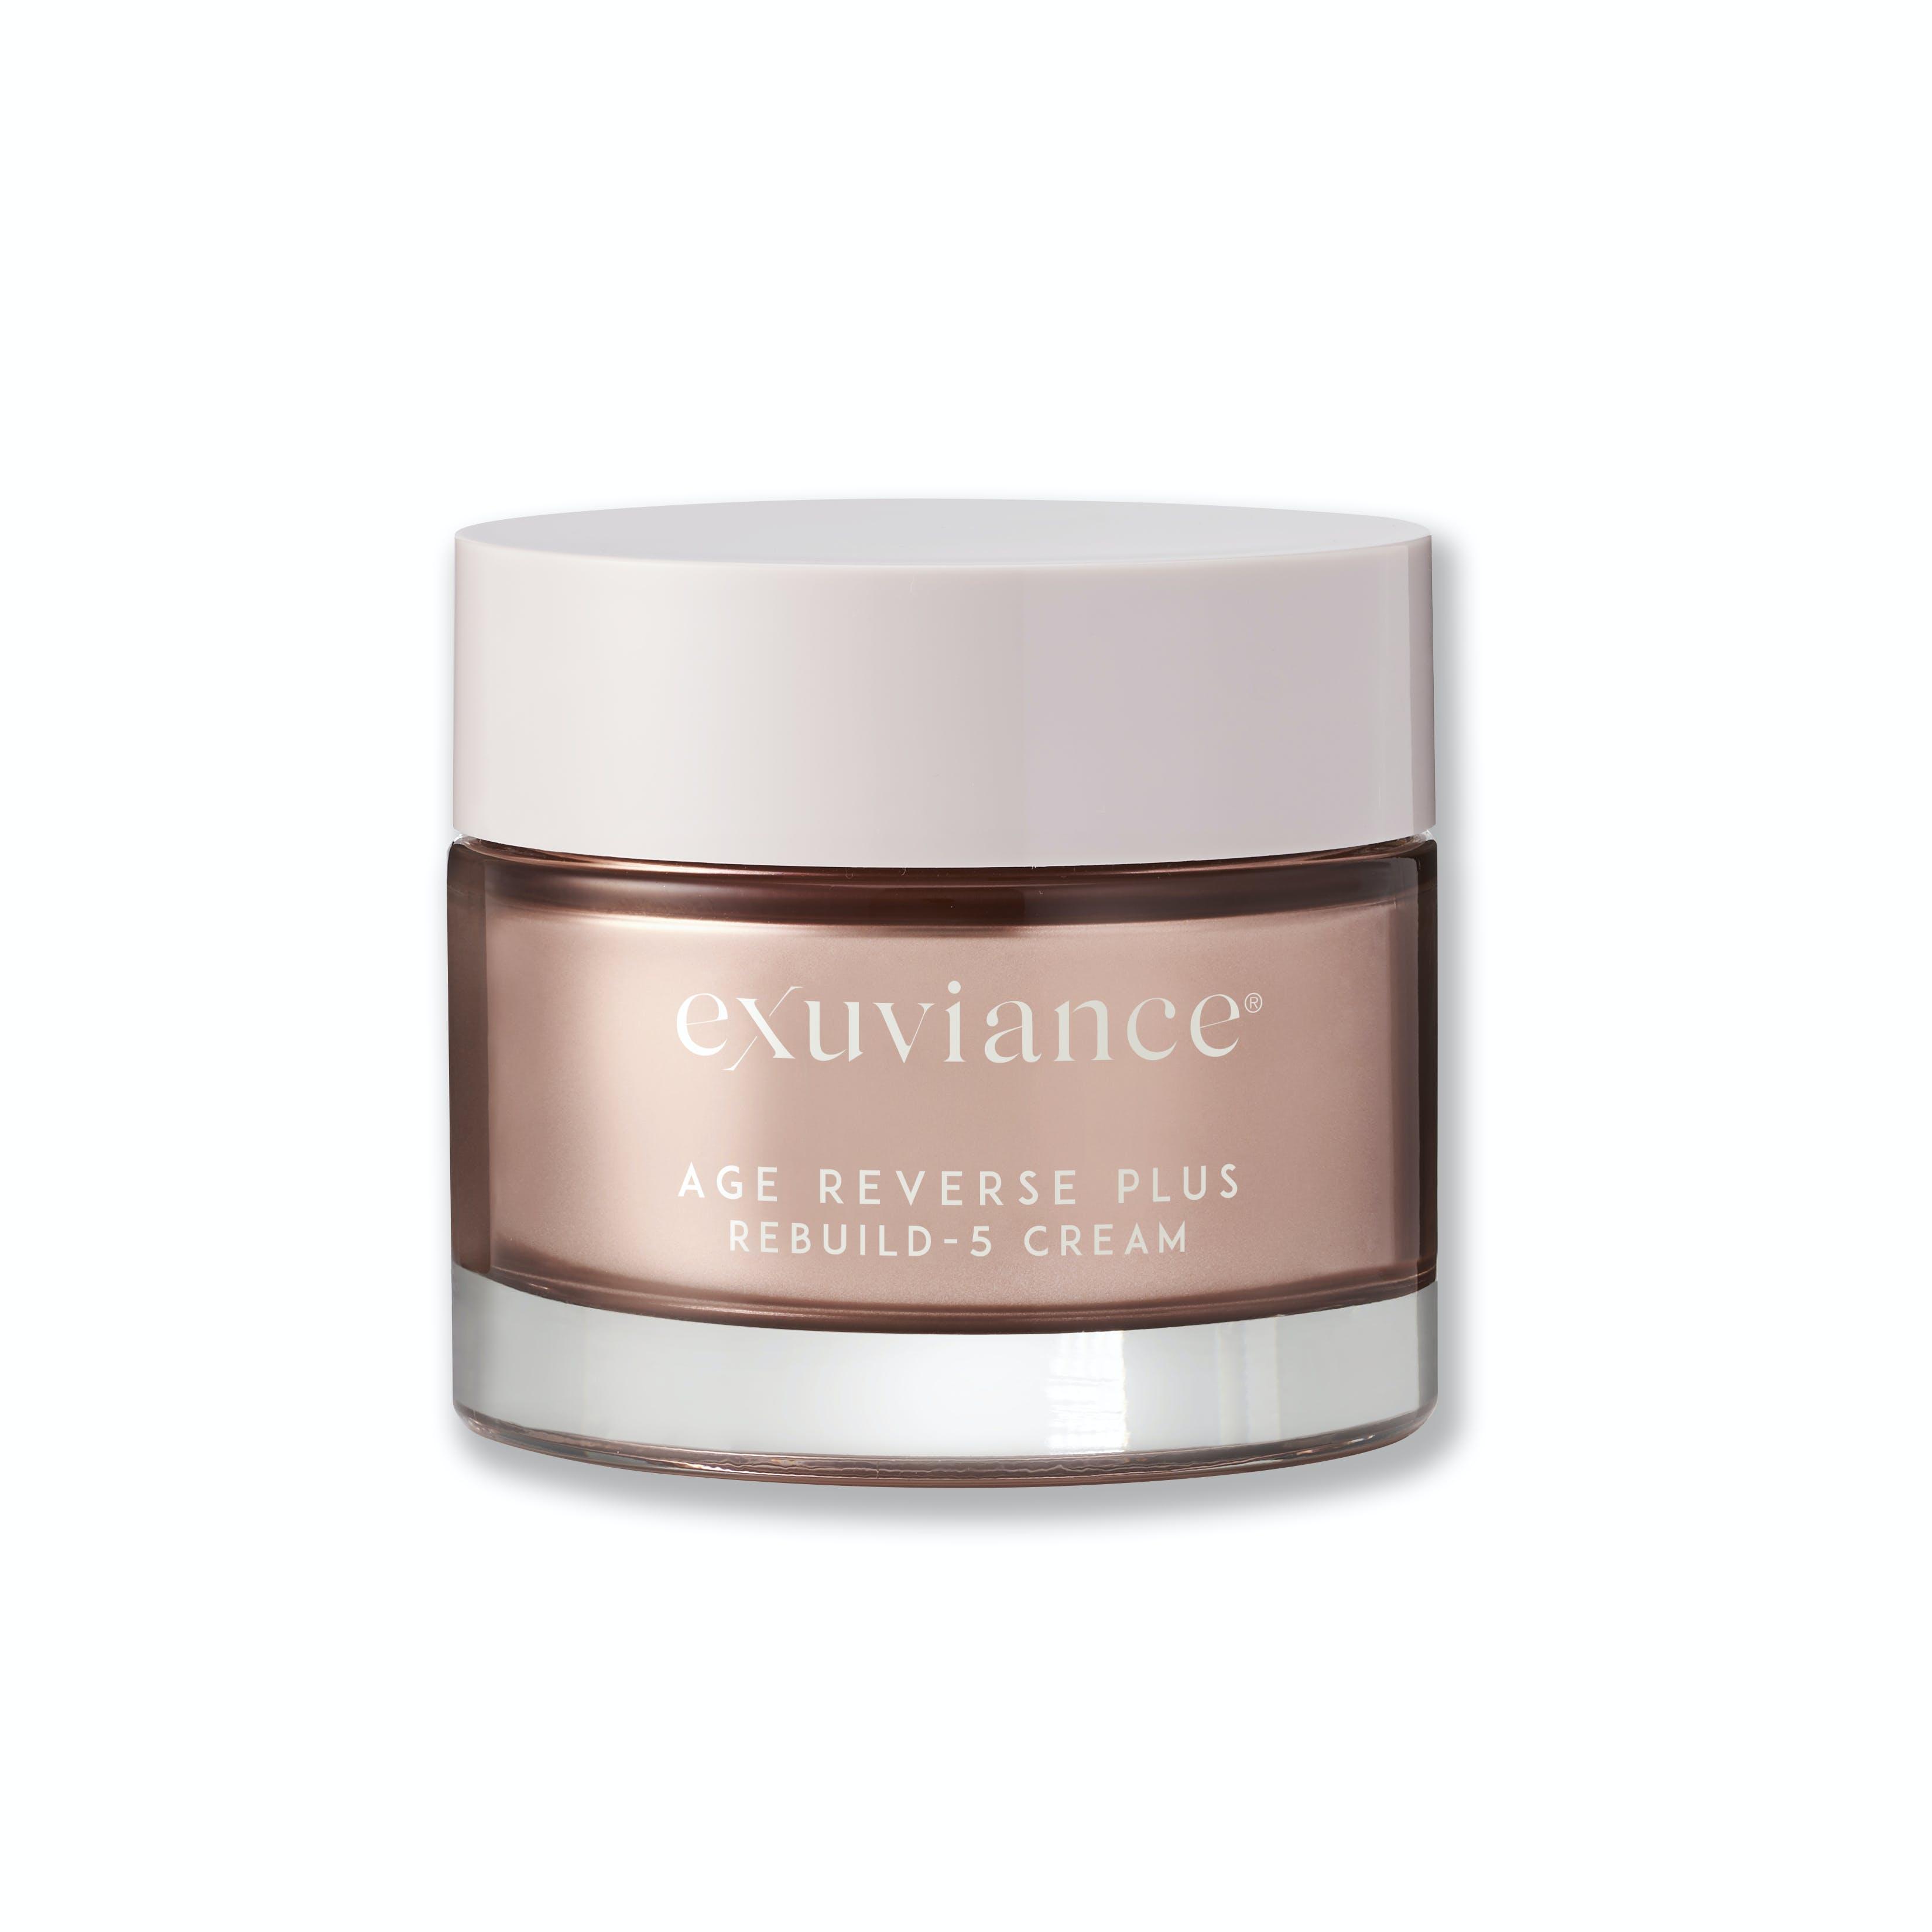 AGE REVERSE + Rebuild-5 Cream